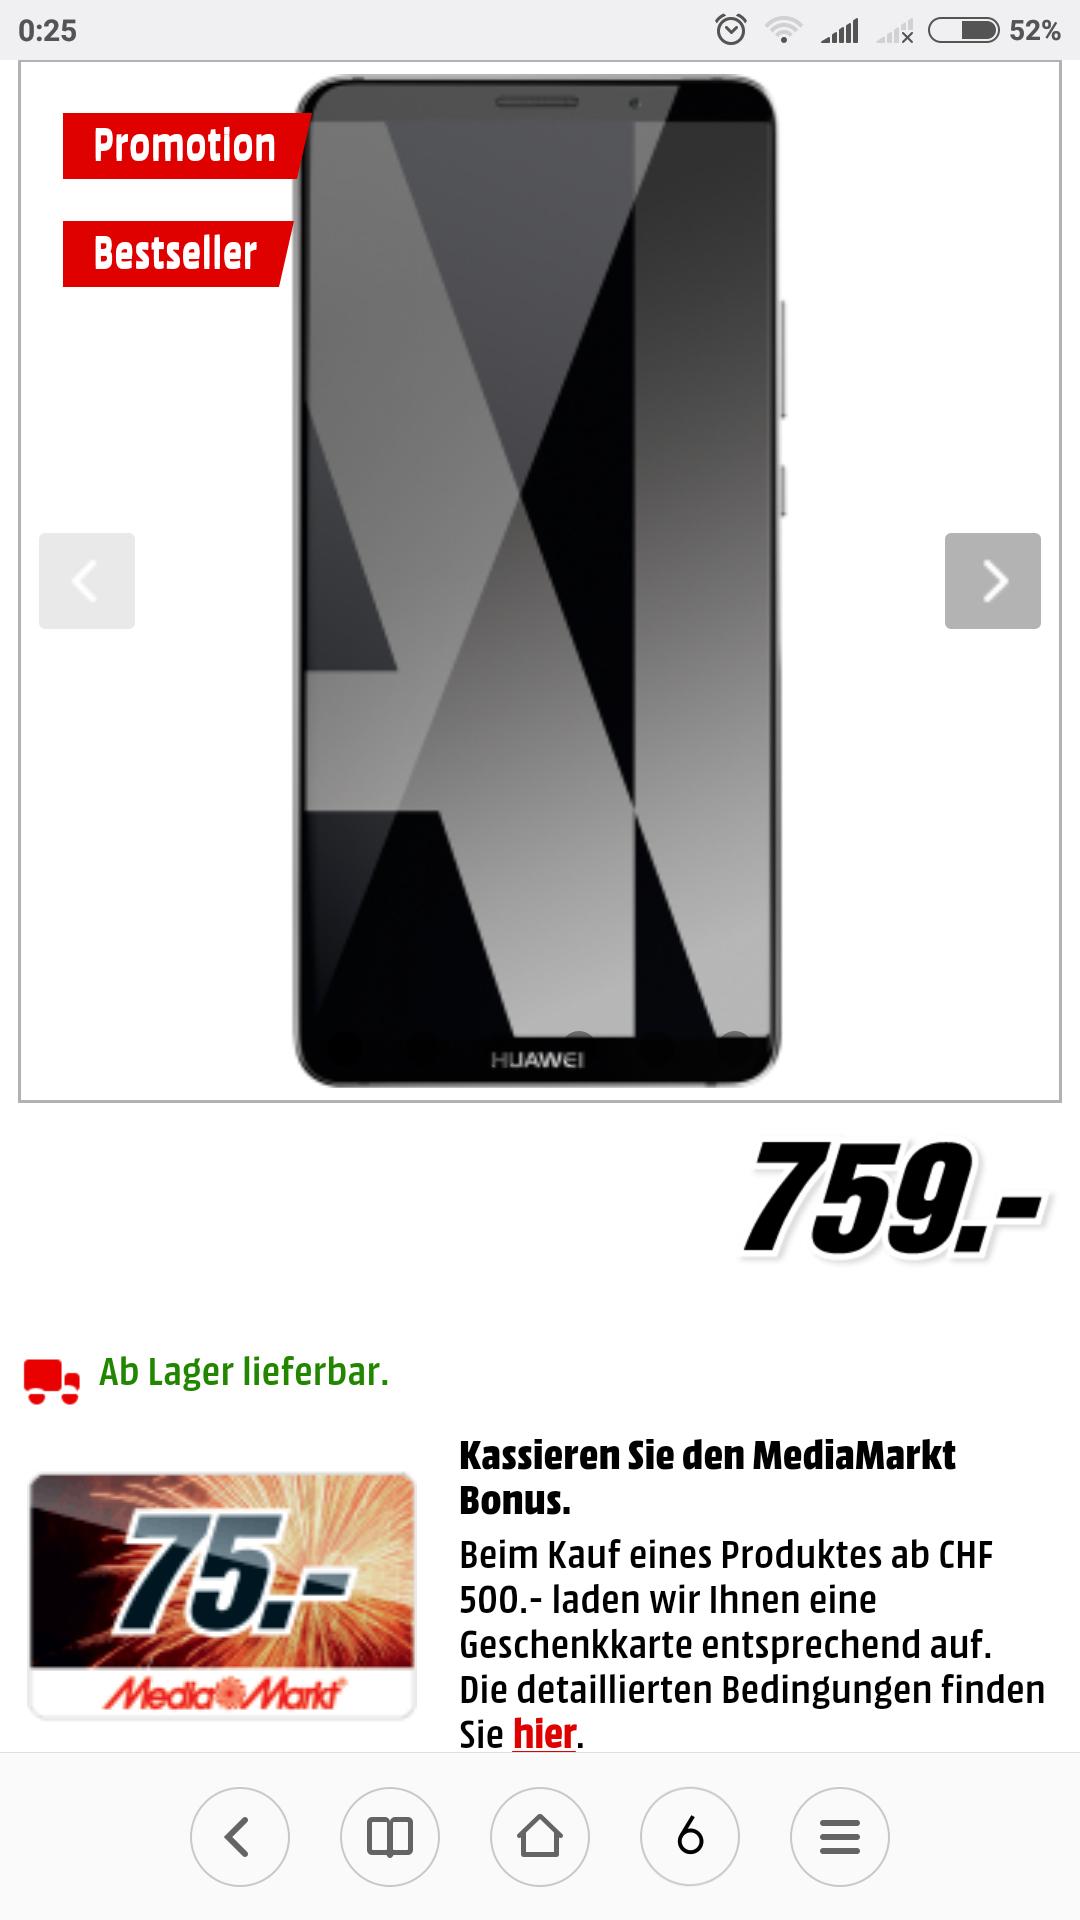 Huawei Mate 10 Pro bei Mediamarkt (CH) für umgerechnet 586€ dank Gutscheinaktion